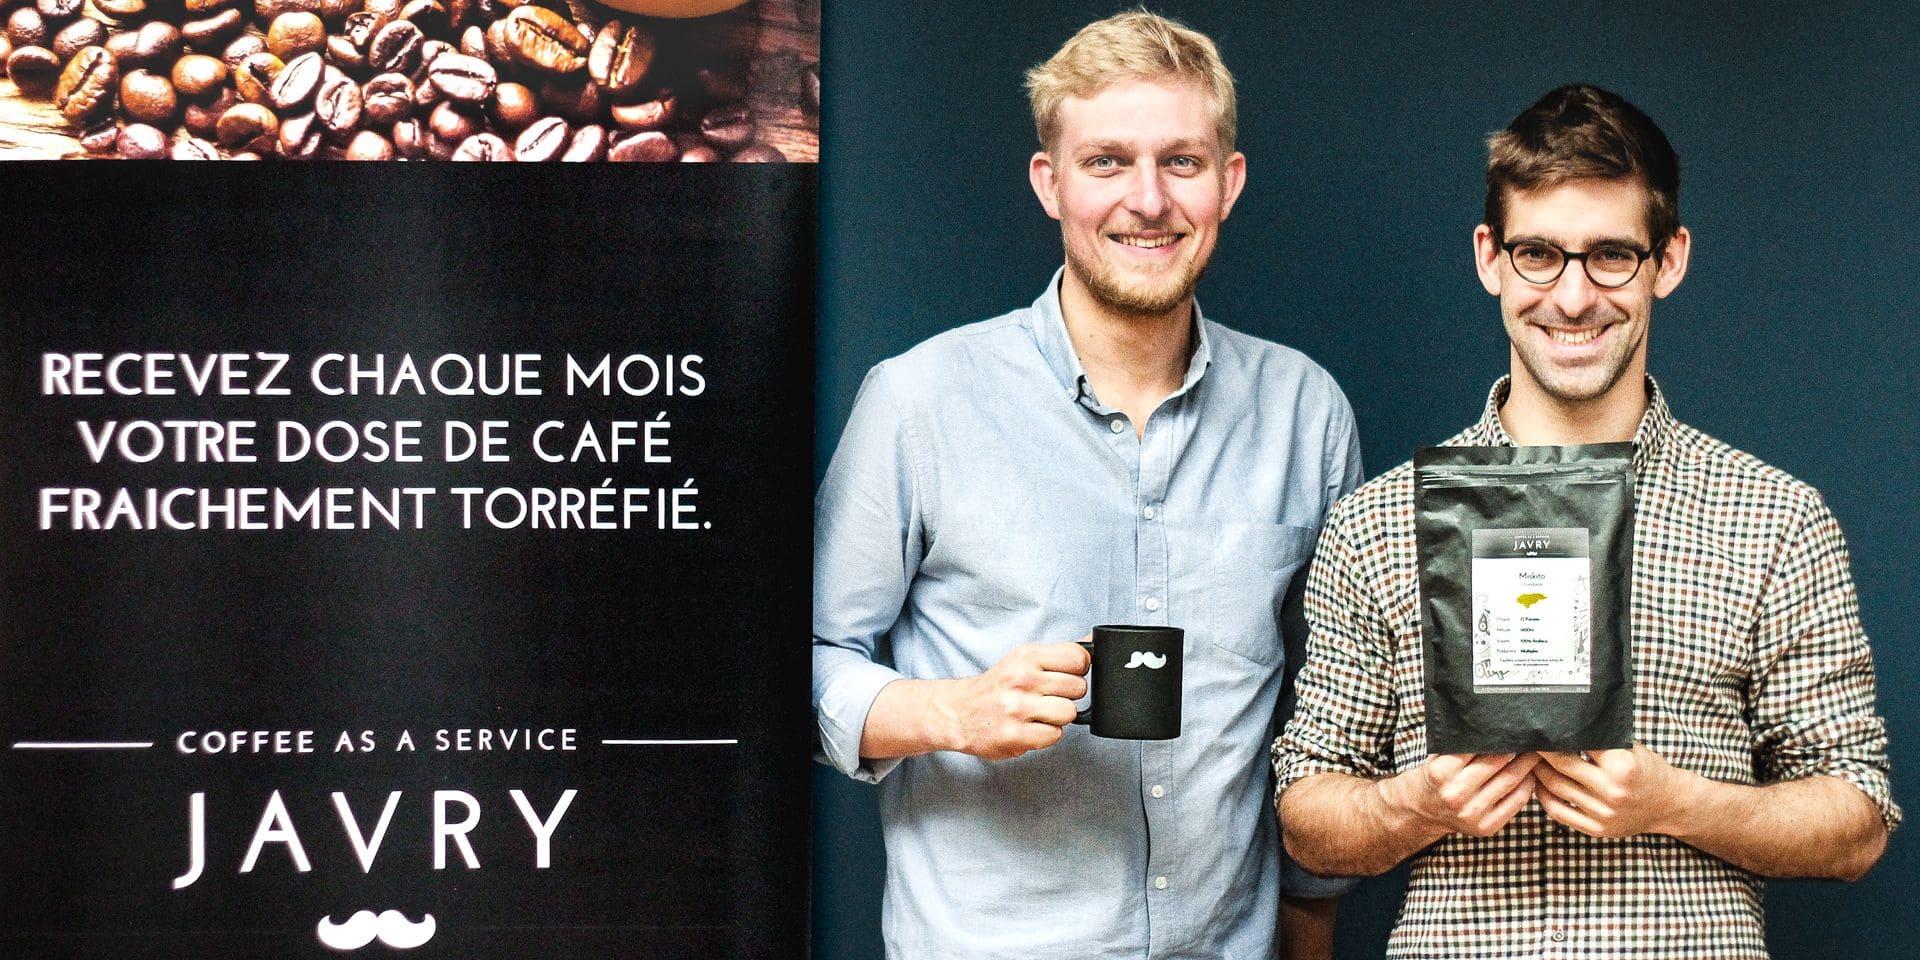 Javry, fournisseur de café équitable n°1 auprès des PME